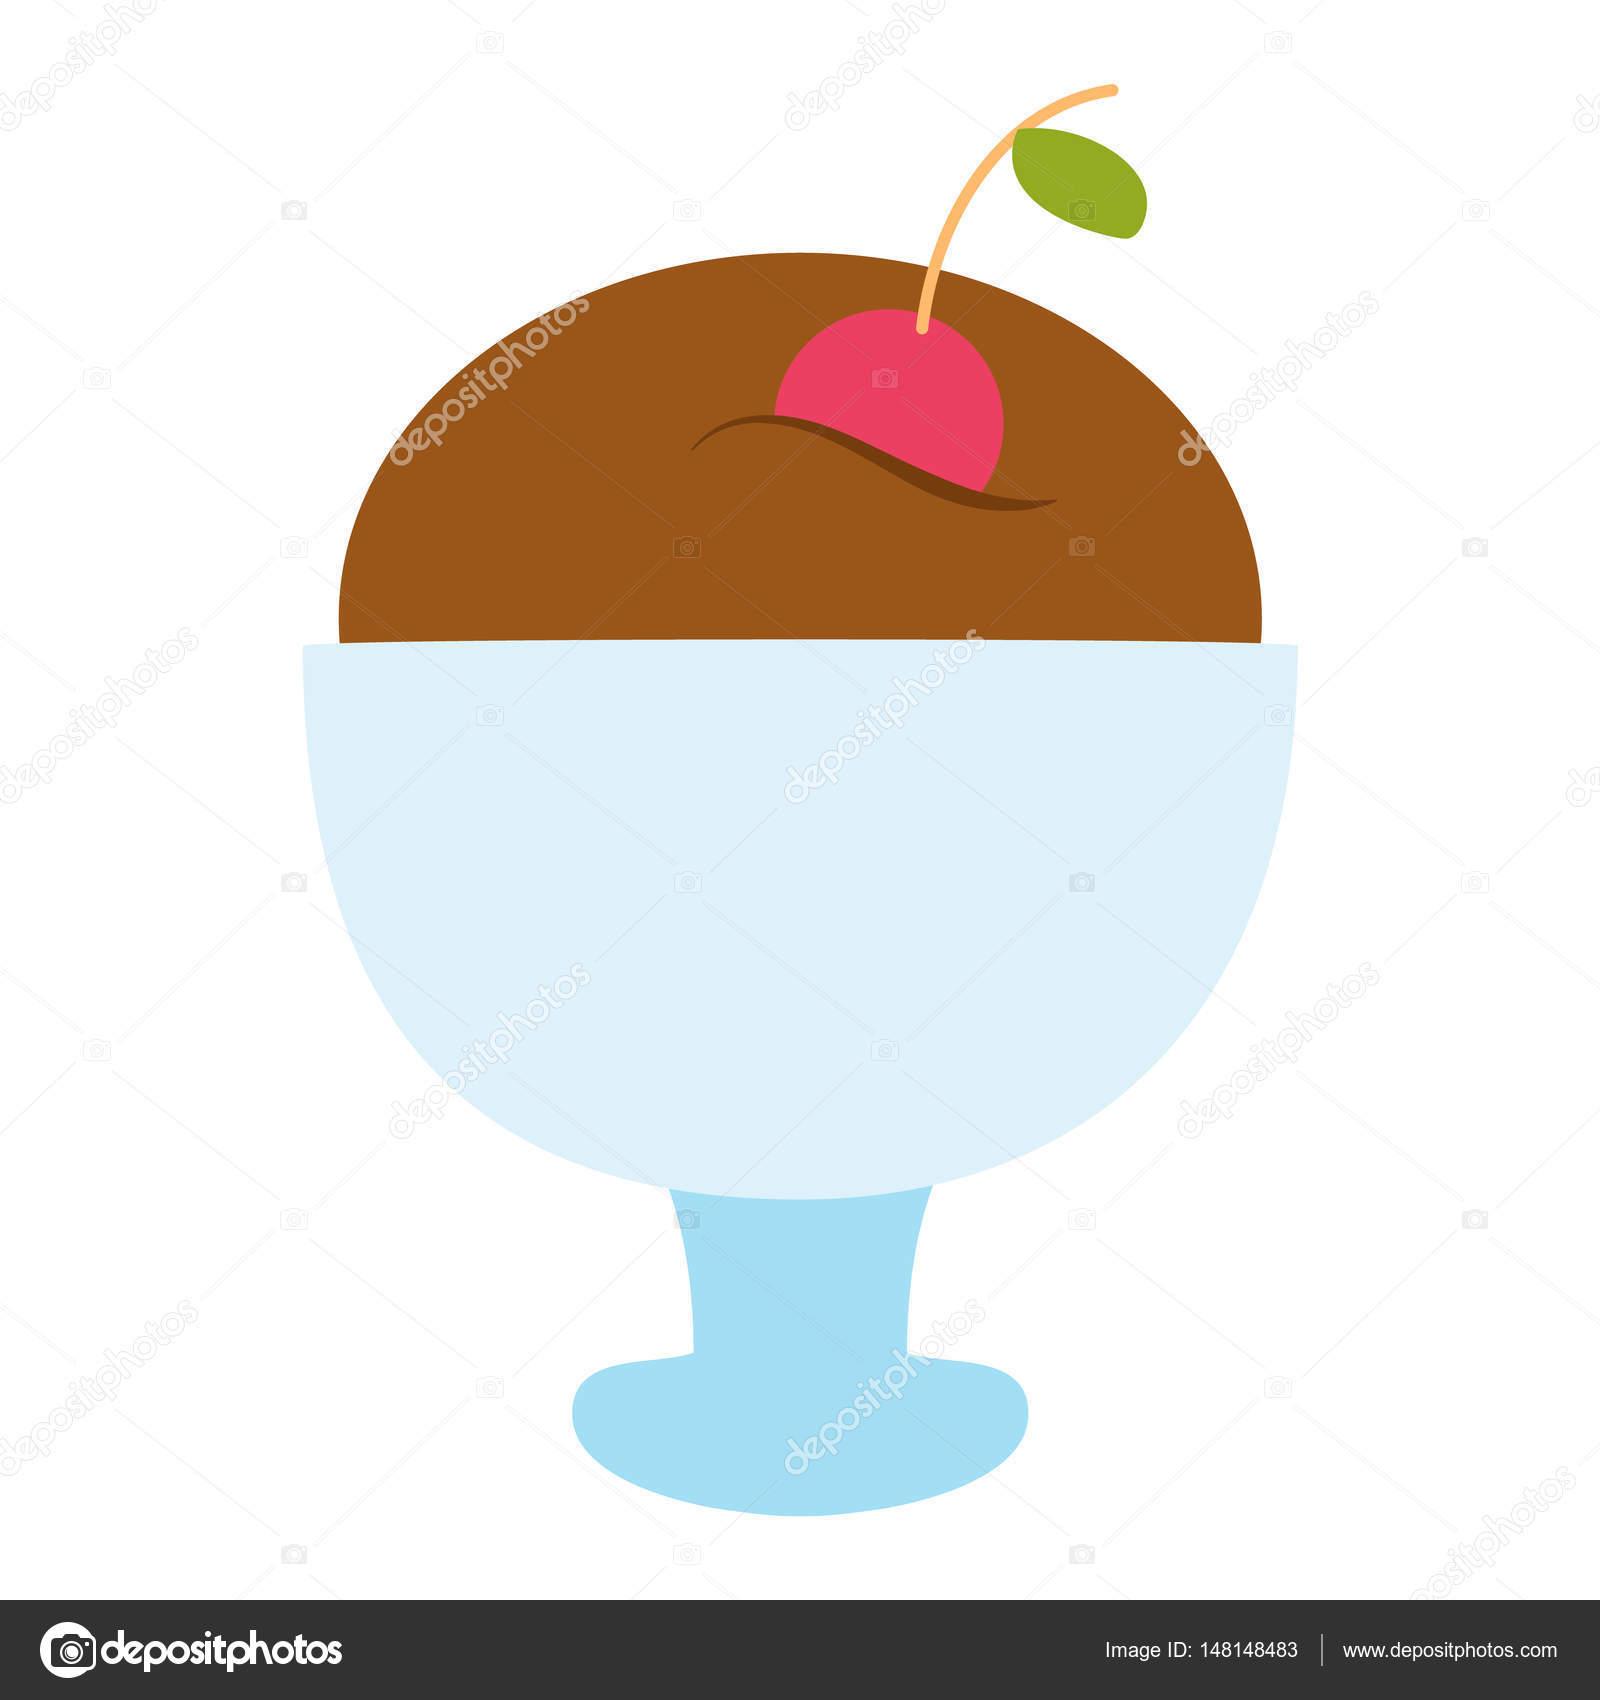 Candy Bar clipart sweet food Cartoon sweet dessert  chocolate